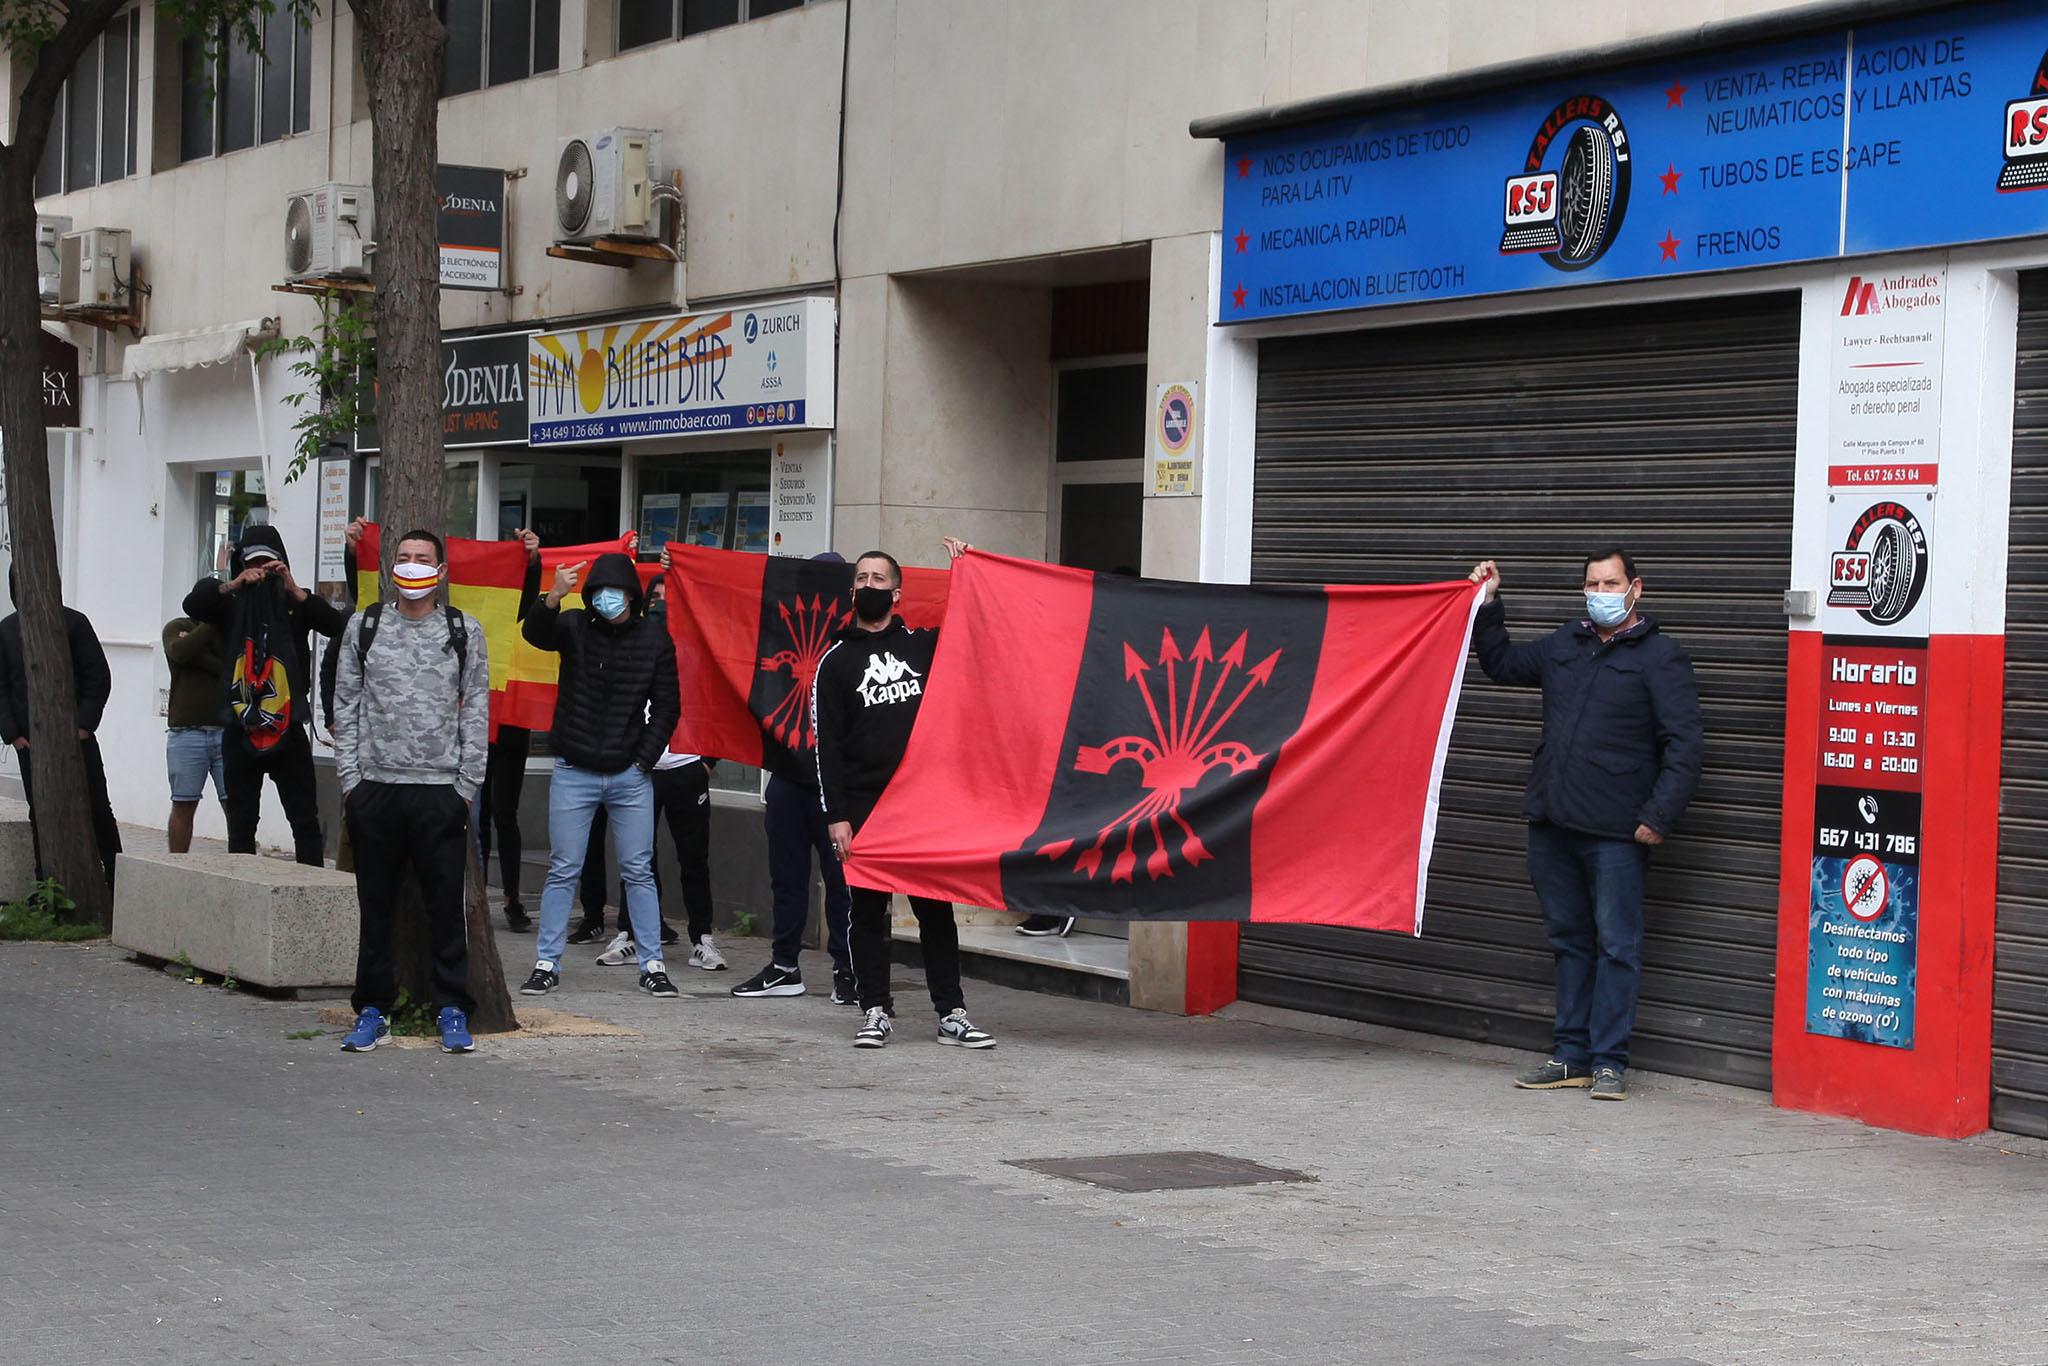 Grupo de ultras clamando contra el acto